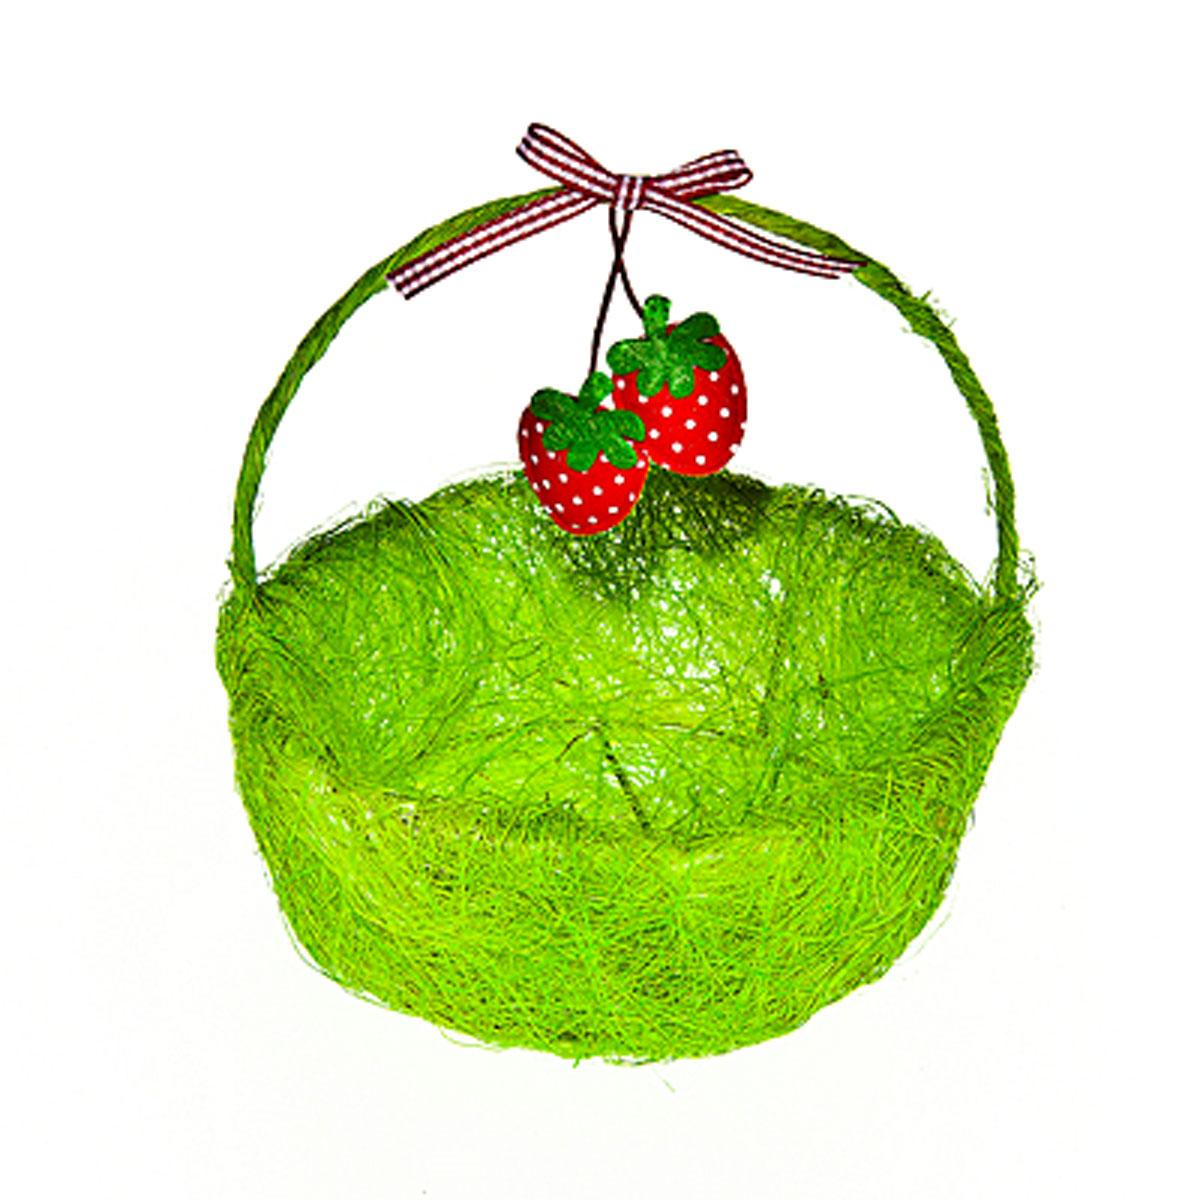 Корзина декоративная Home Queen Ягоды, цвет: зеленый, 14 х 13 х 5 см64328_1Декоративная корзина Home Queen Ягоды предназначена для хранения различных мелочей и аксессуаров. Изделие имеет металлический каркас, обтянутый нитями из полиэстера. Корзина оснащена удобной ручкой и декорирована подвесным украшением в виде текстильных ягод с бантиком. Такая корзина станет оригинальным и необычным подарком или украшением интерьера. Размер корзины: 14 см х 13 см х 5 см. Диаметр дна: 10 см. Высота ручки: 10 см.